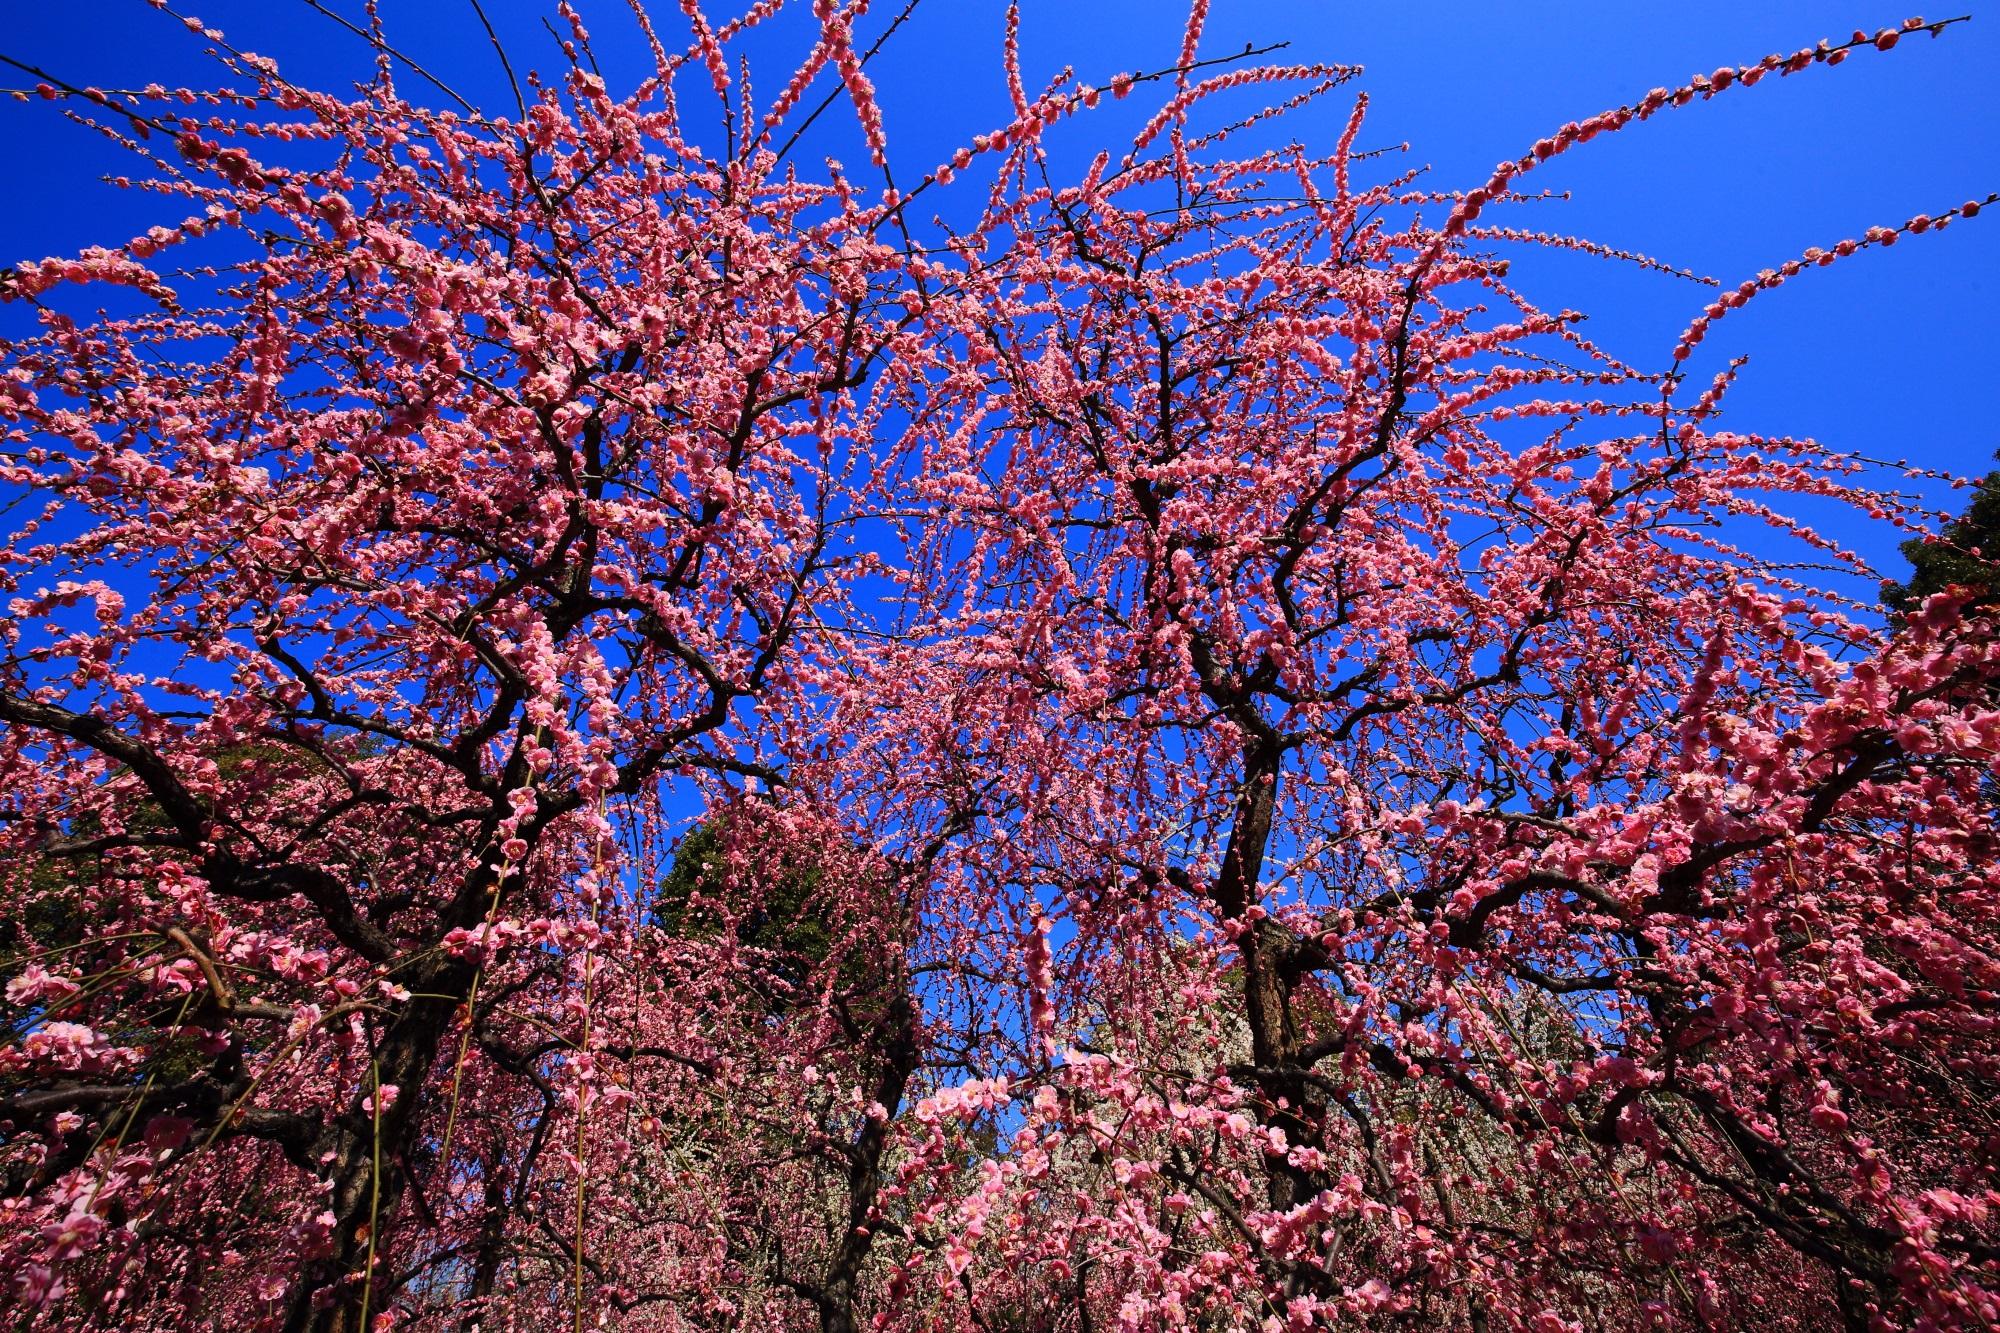 真っ青な空からふりそそぐ鮮やかなピンクのしだれ梅